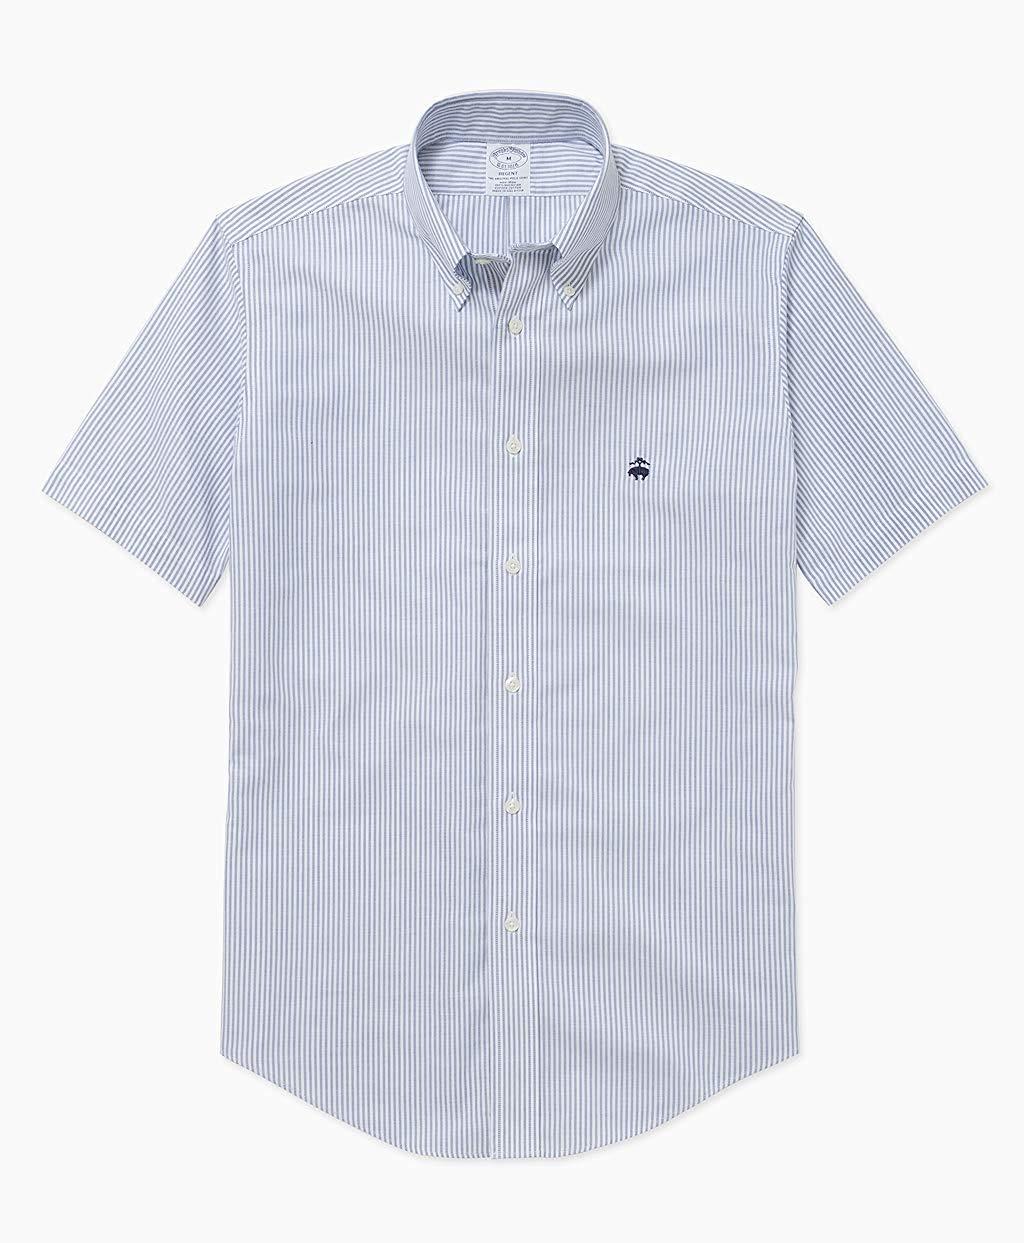 ブルックスブラザーズの半袖シャツ